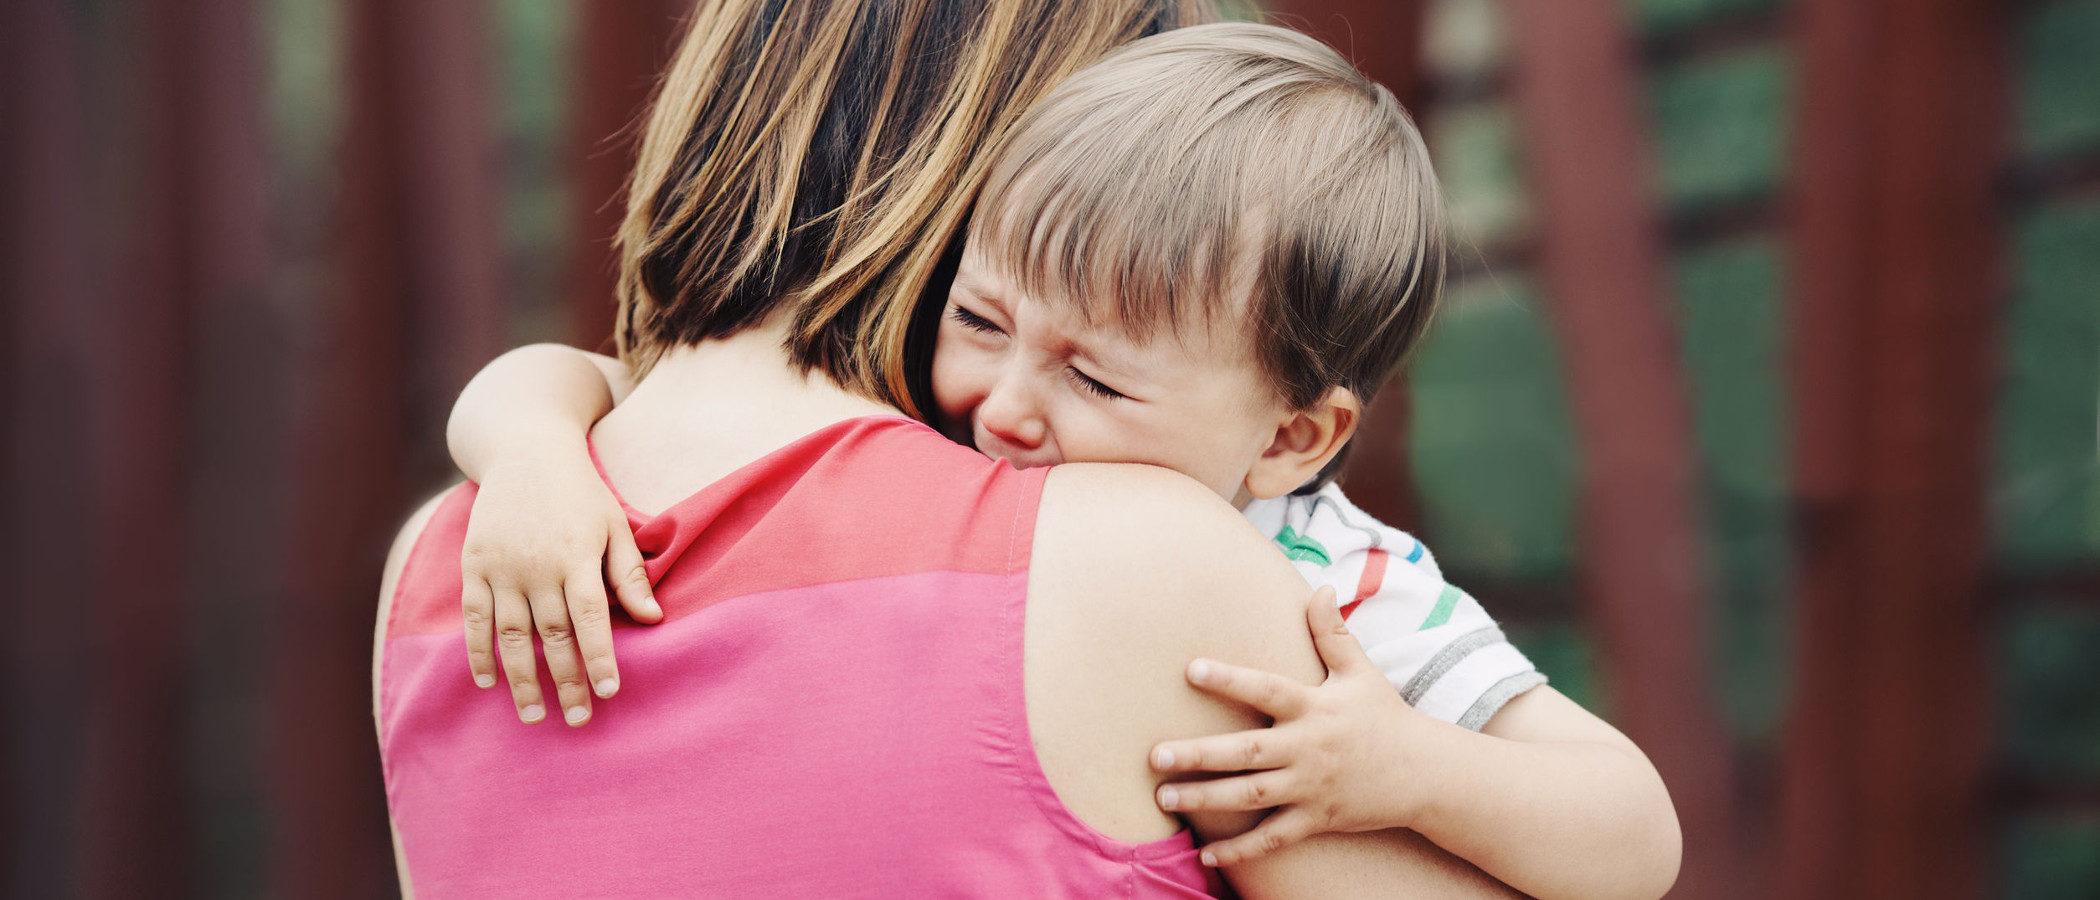 Cómo prevenir el abuso en niños de 5 a 8 años